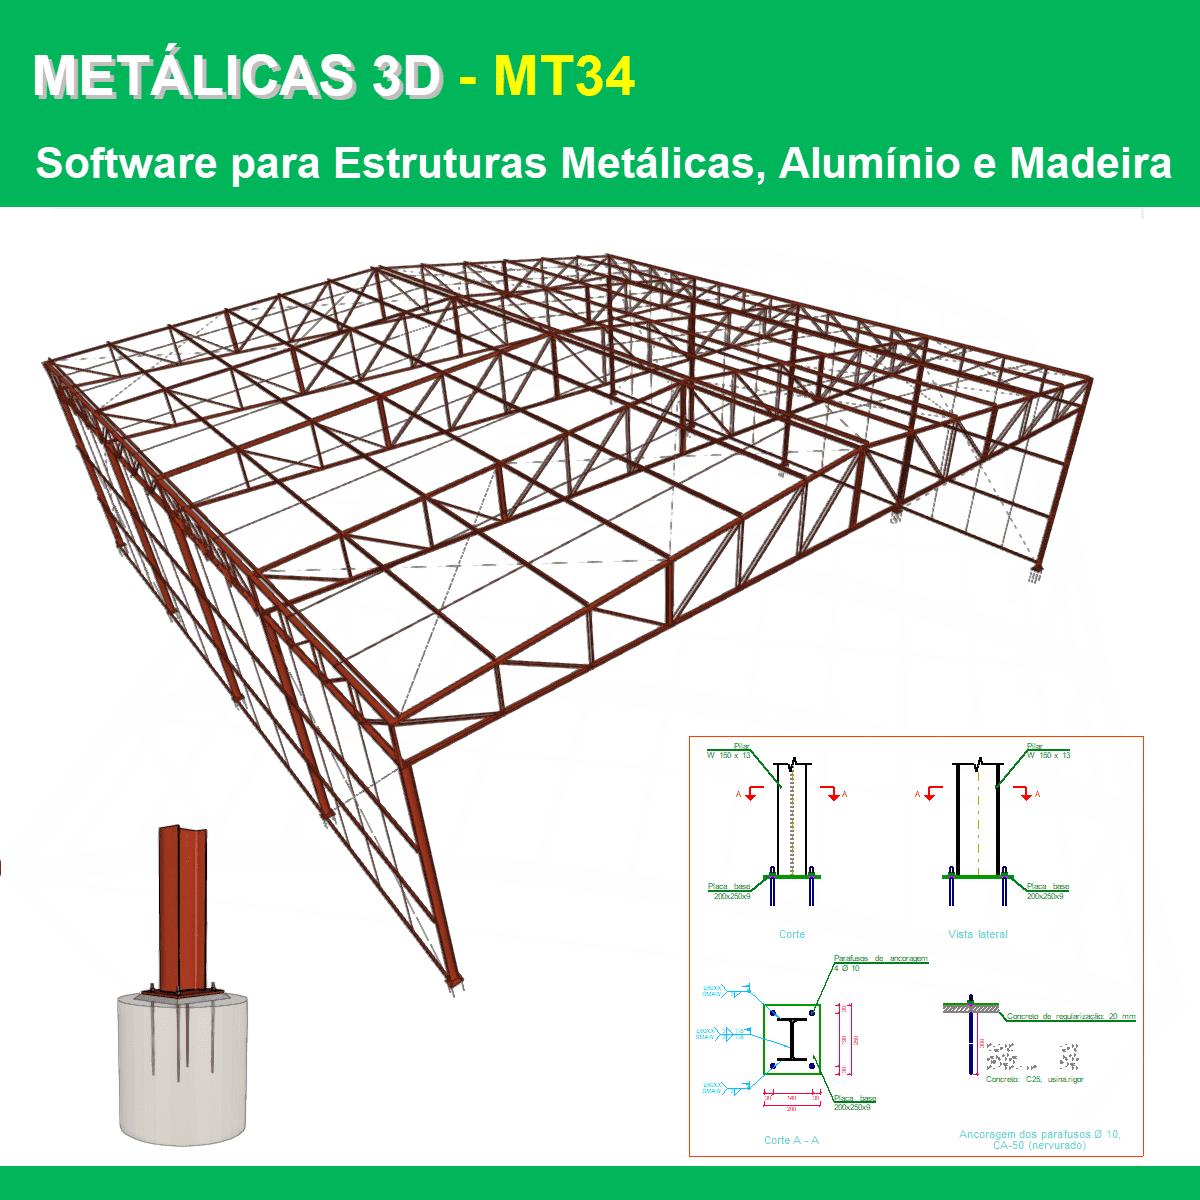 Software Metálicas 3D MT34 versão 2022 (Licença Eletrônica) incluindo Núcleo Básico e Placas de Base  - MULTIPLUS SOFTWARES